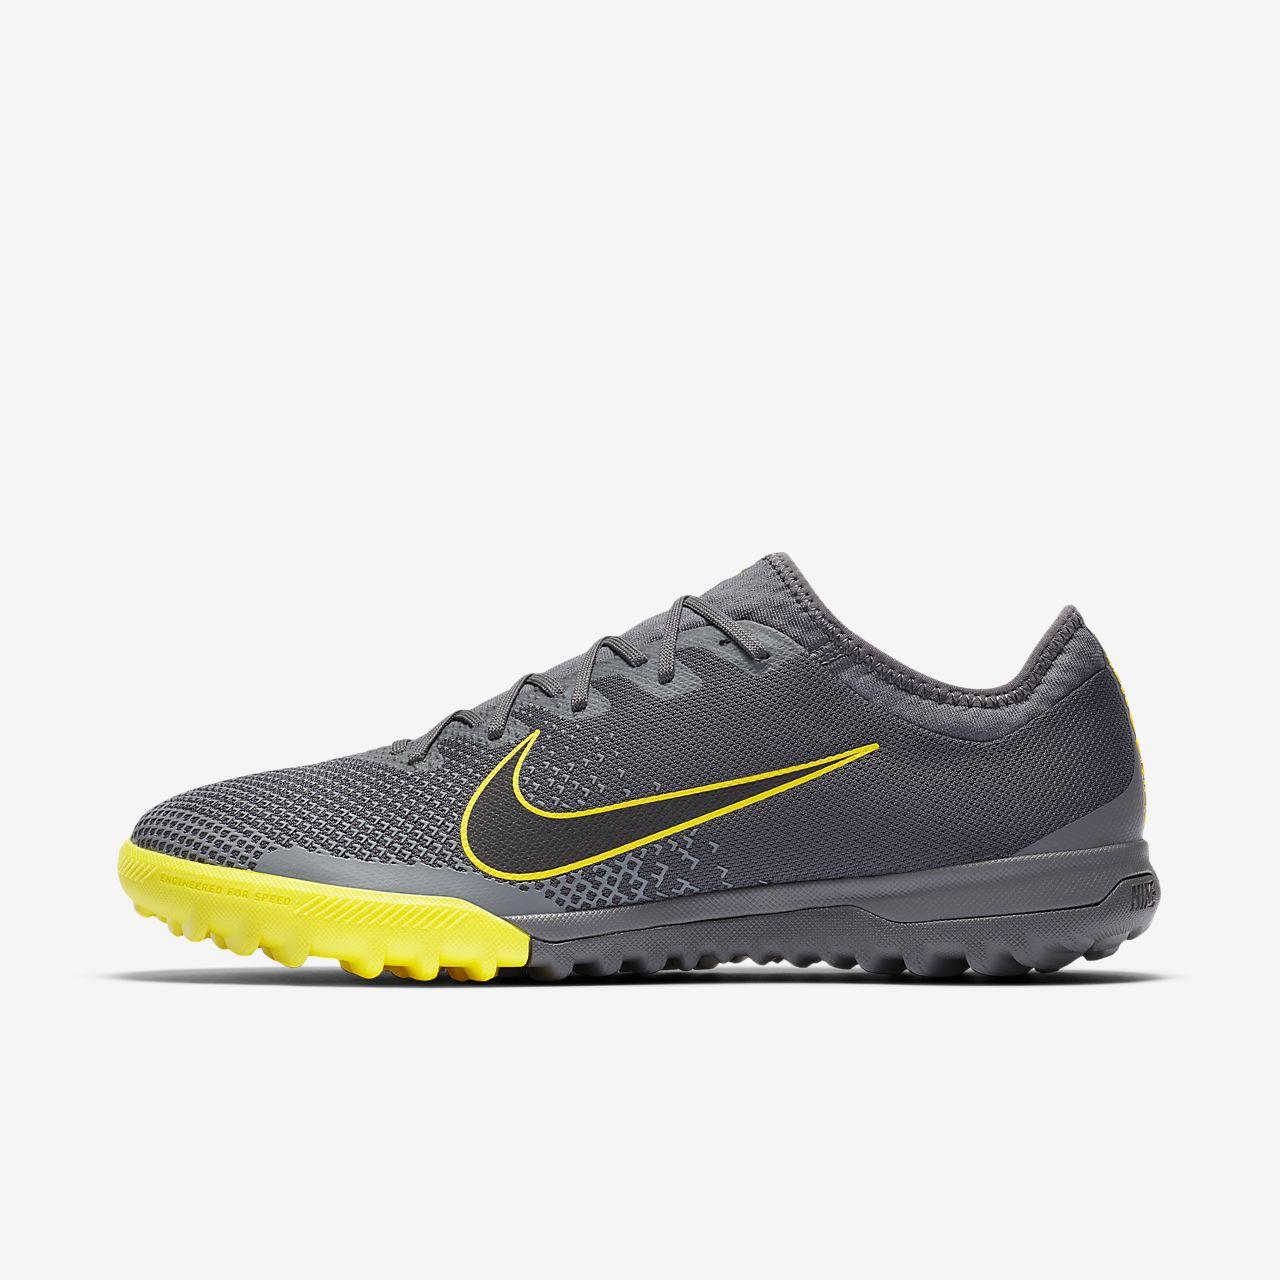 Calzado de fútbol para terreno artificial Nike MercurialX Vapor XII Pro TF fce83bb04965f